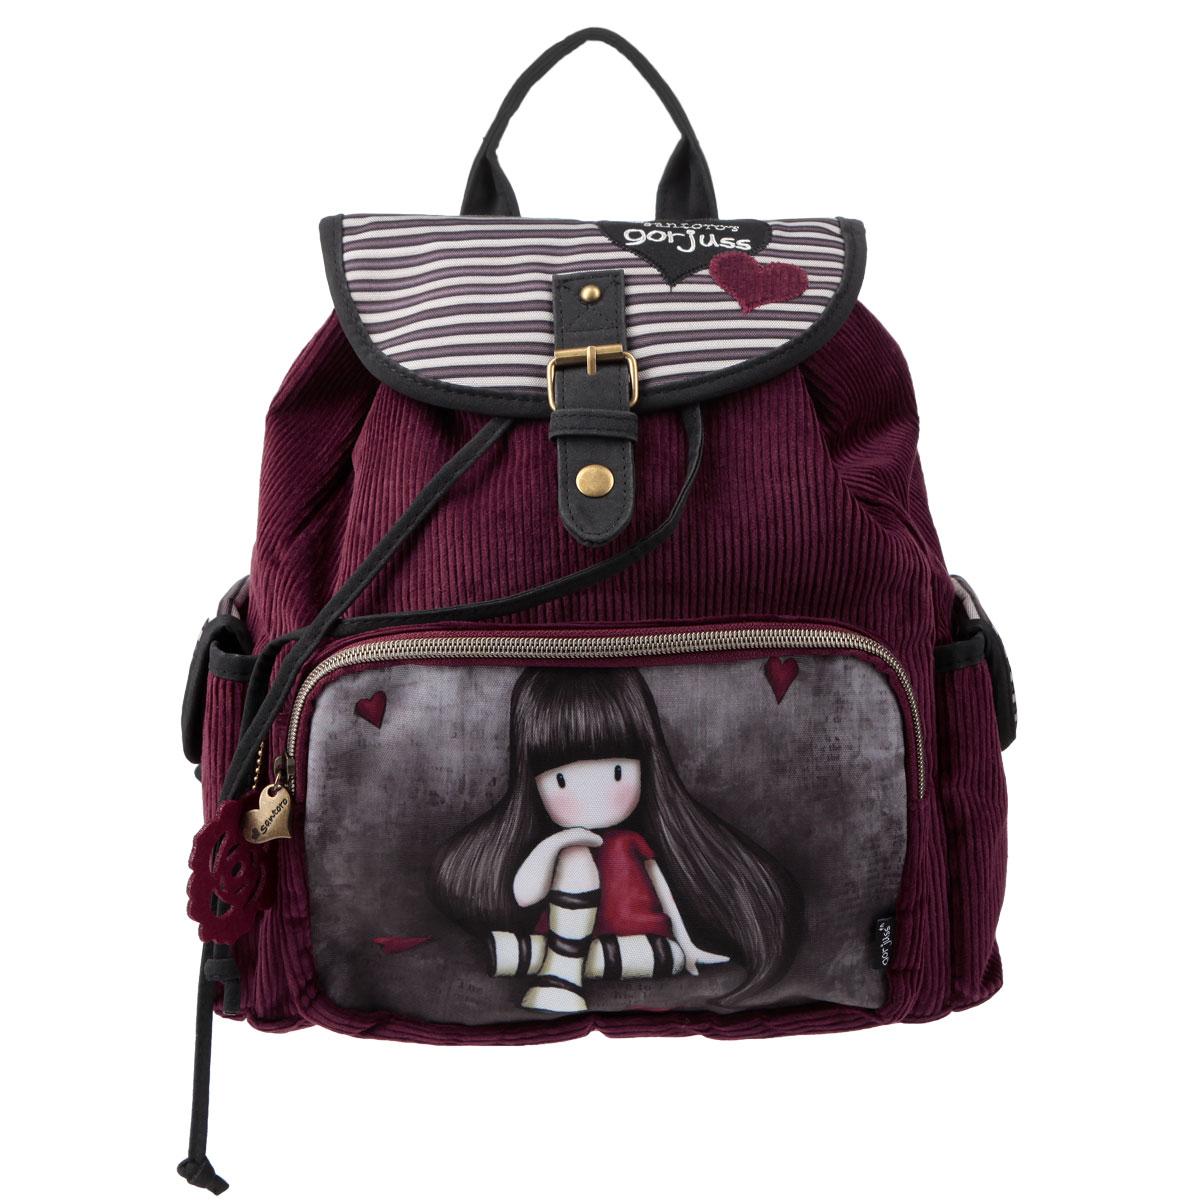 Рюкзак молодежный Santoro Gorjuss, цвет: бордовый, серый72523WDСтильный рюкзак Santoro Gorjuss для очаровательной модницы с трогательным принтом - это идеальная модель для учебы или отдыха. Легкий и удобный рюкзак станет незаменимым аксессуаром. Вместительное внутреннее отделение закрывается клапаном на кнопке и шнурком, в него поместятся все необходимые школьные принадлежности. Дополнительный фронтальный карман закрывается на молнию с металлическим замком в форме сердечка и предназначен для средних и мелких предметов, боковые кармашки закрываются на кнопки. Внутреннее отделение содержит дополнительный карман на молнии и два небольших открытых кармана. Лямки рюкзака свободно регулируются по длине, обеспечивая удобство и комфорт, ручка сверху позволяет с легкостью носить его в руках. Лаконичный и сдержанный дизайн подчеркнет индивидуальность и порадует своей функциональностью.